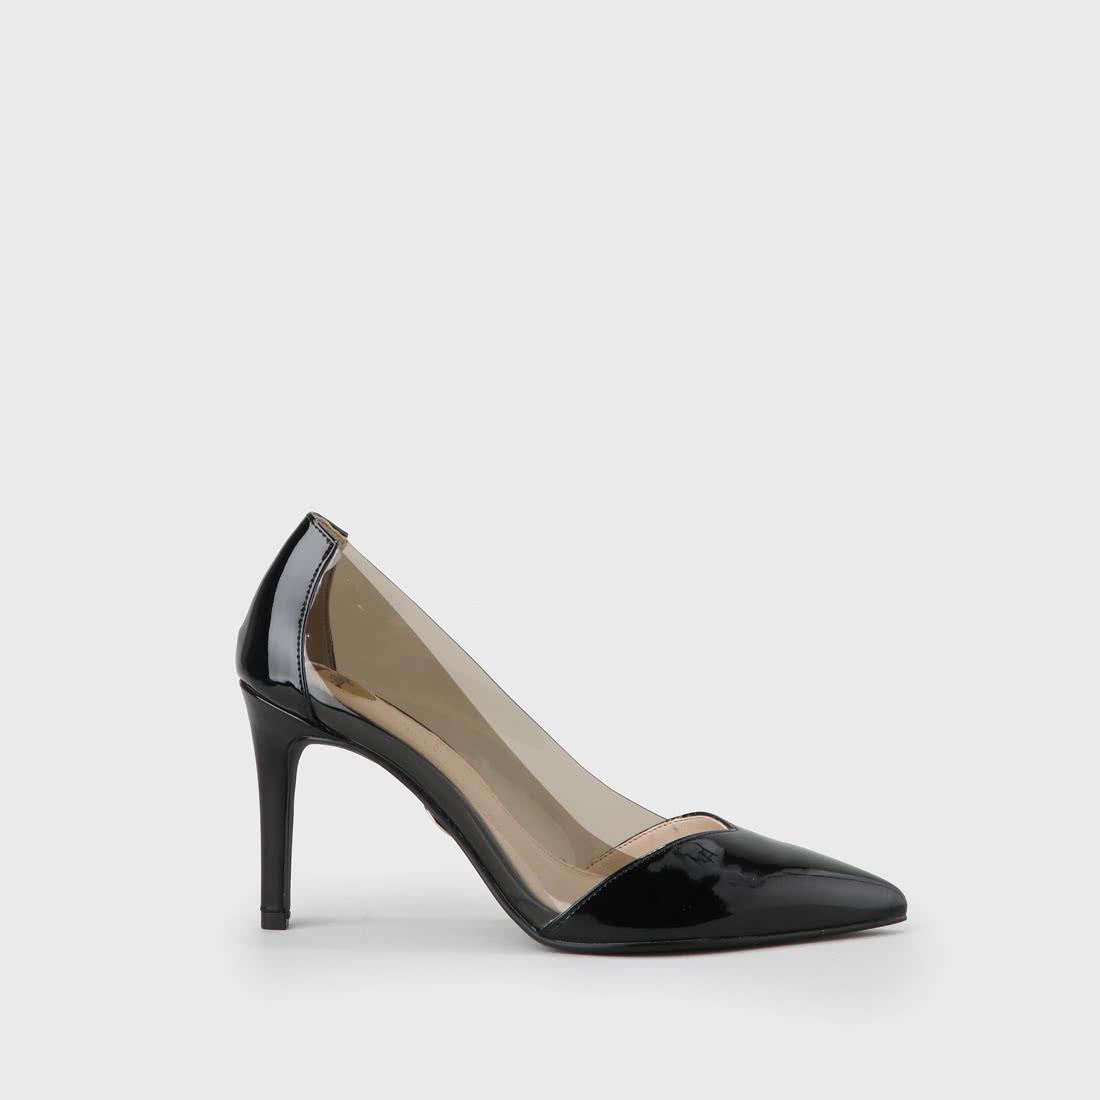 544c9fb9413 Alba escarpin soirée transparent-noir acheter à BUFFALO en ligne ...